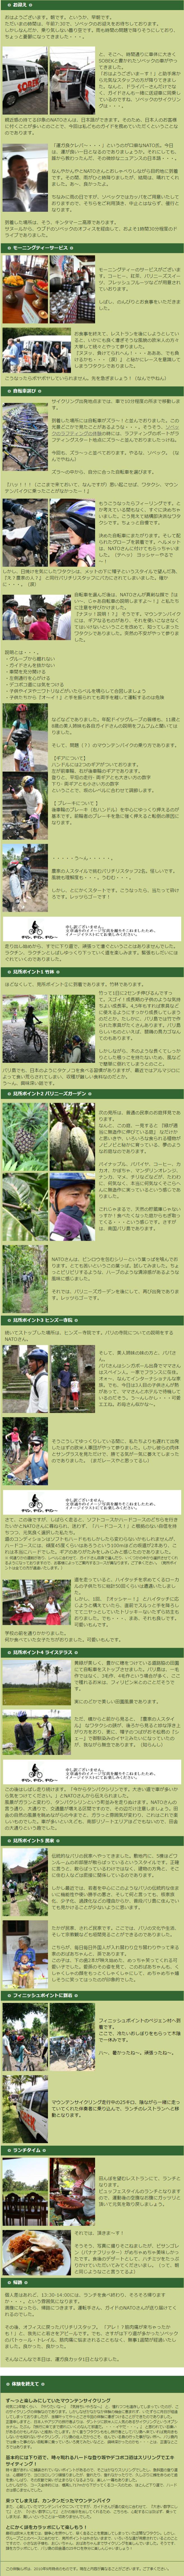 マウンテン・サイクリング バトゥール・トレイル (キンタマーニ高原コース)体験ルポの説明